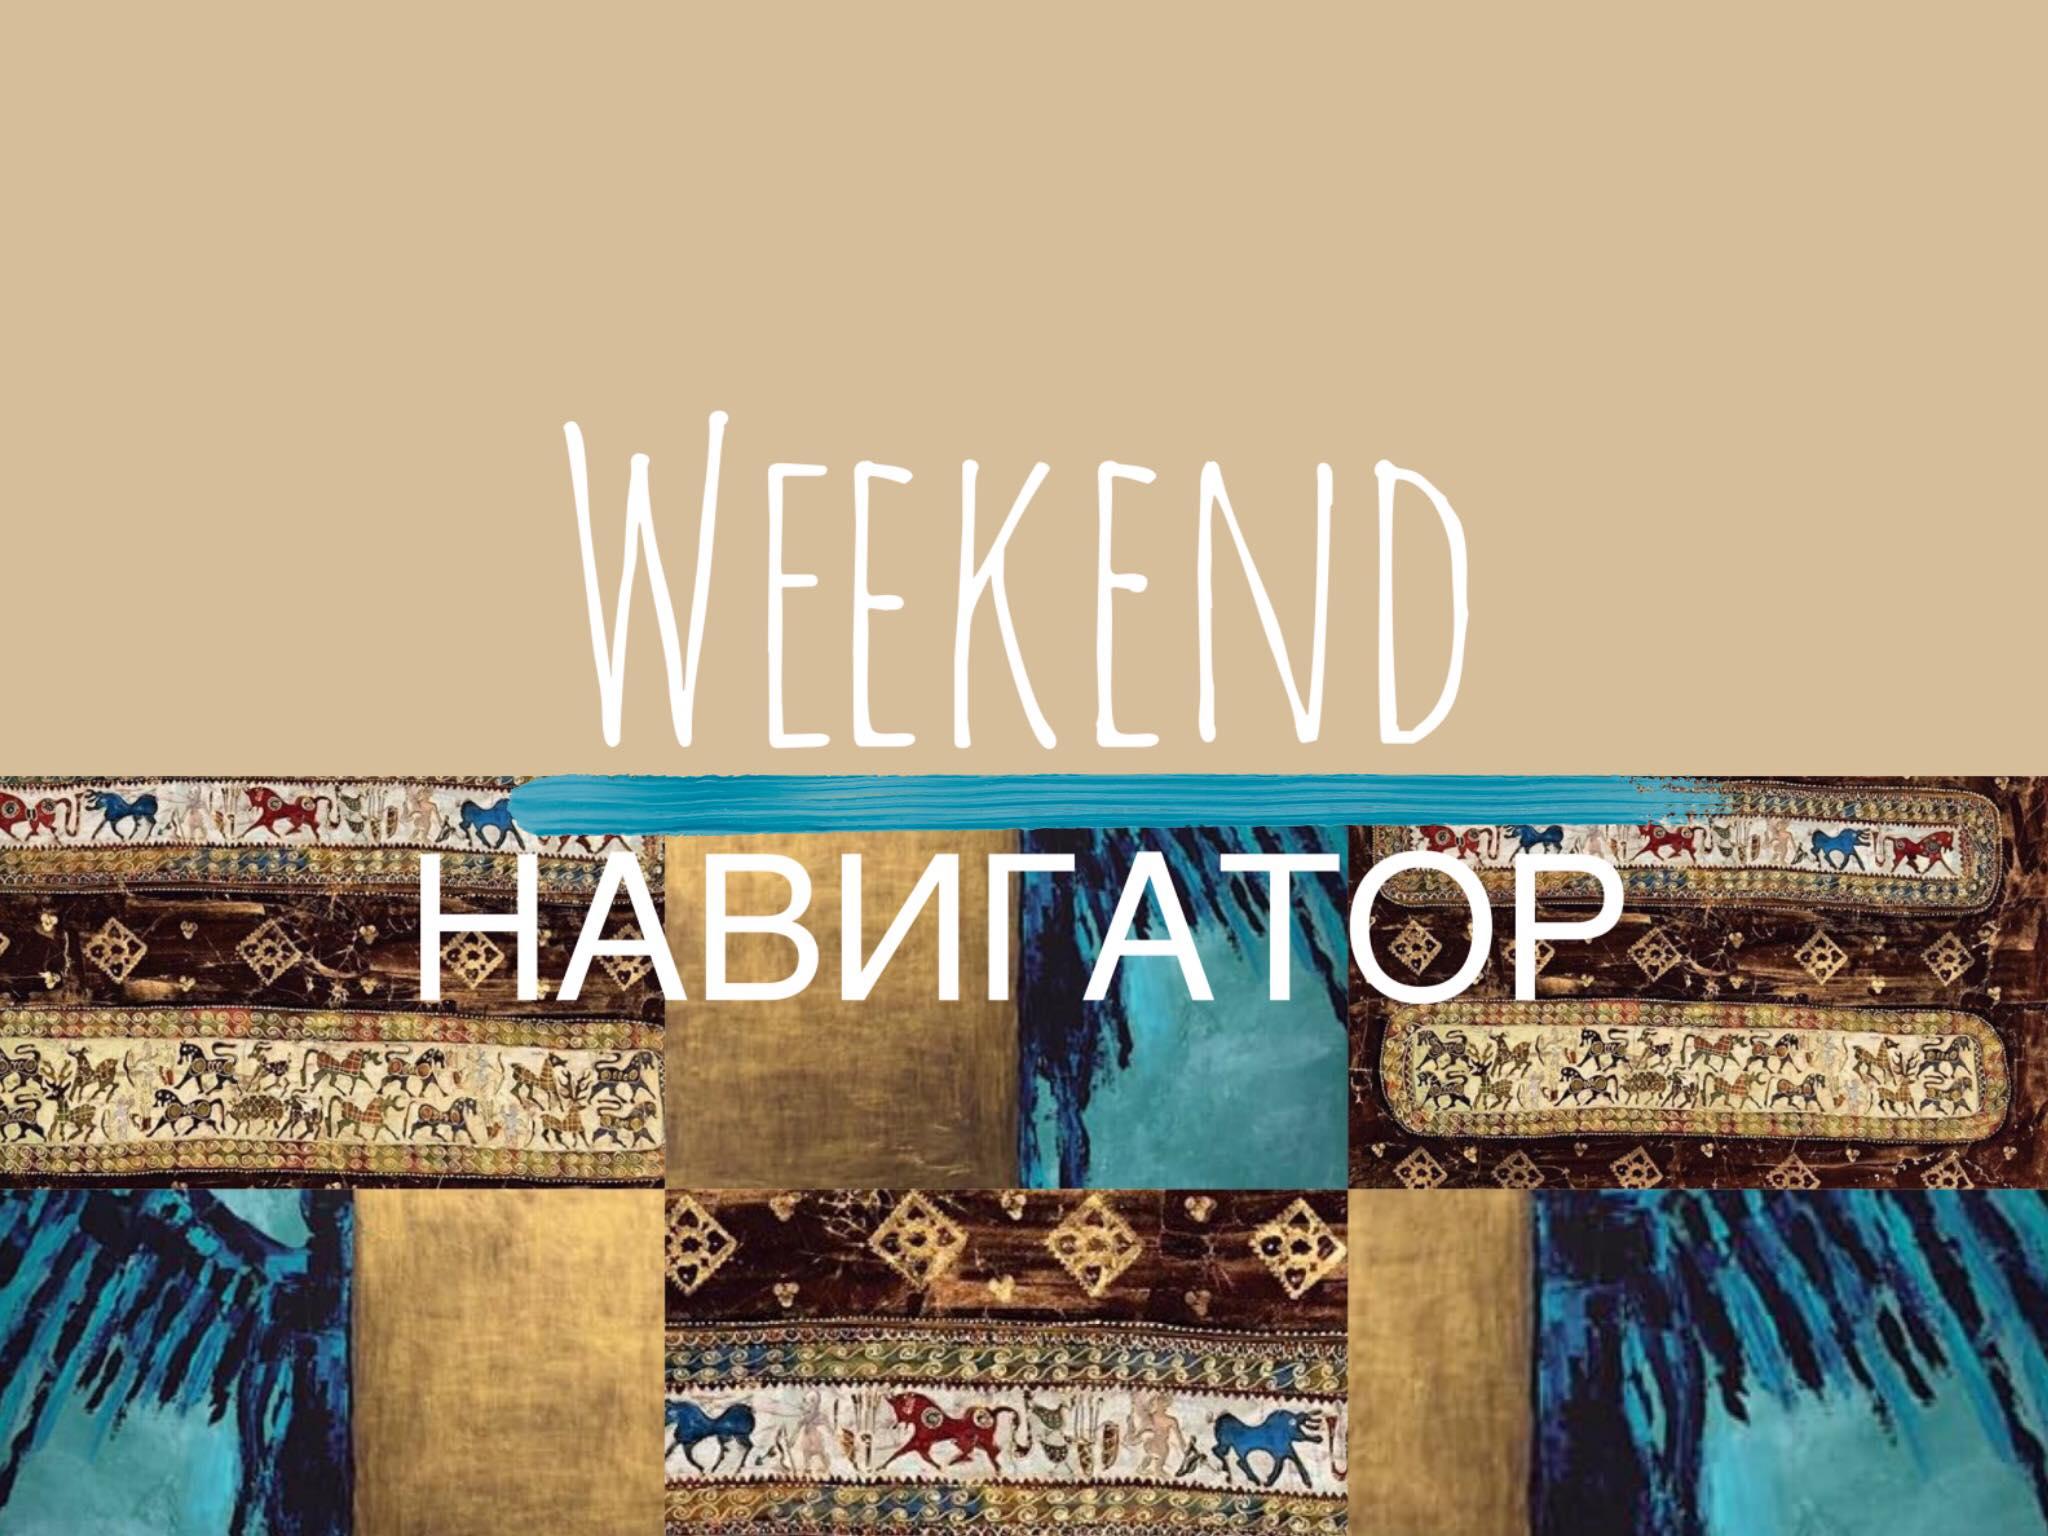 Weekend Navigator 20 WeekEnd Навигатор Weekend-Навигатор, афиша, Батуми, выходные, досуг, ивент-гид, клуб, ночной клуб, отдых в Грузии, события, техно